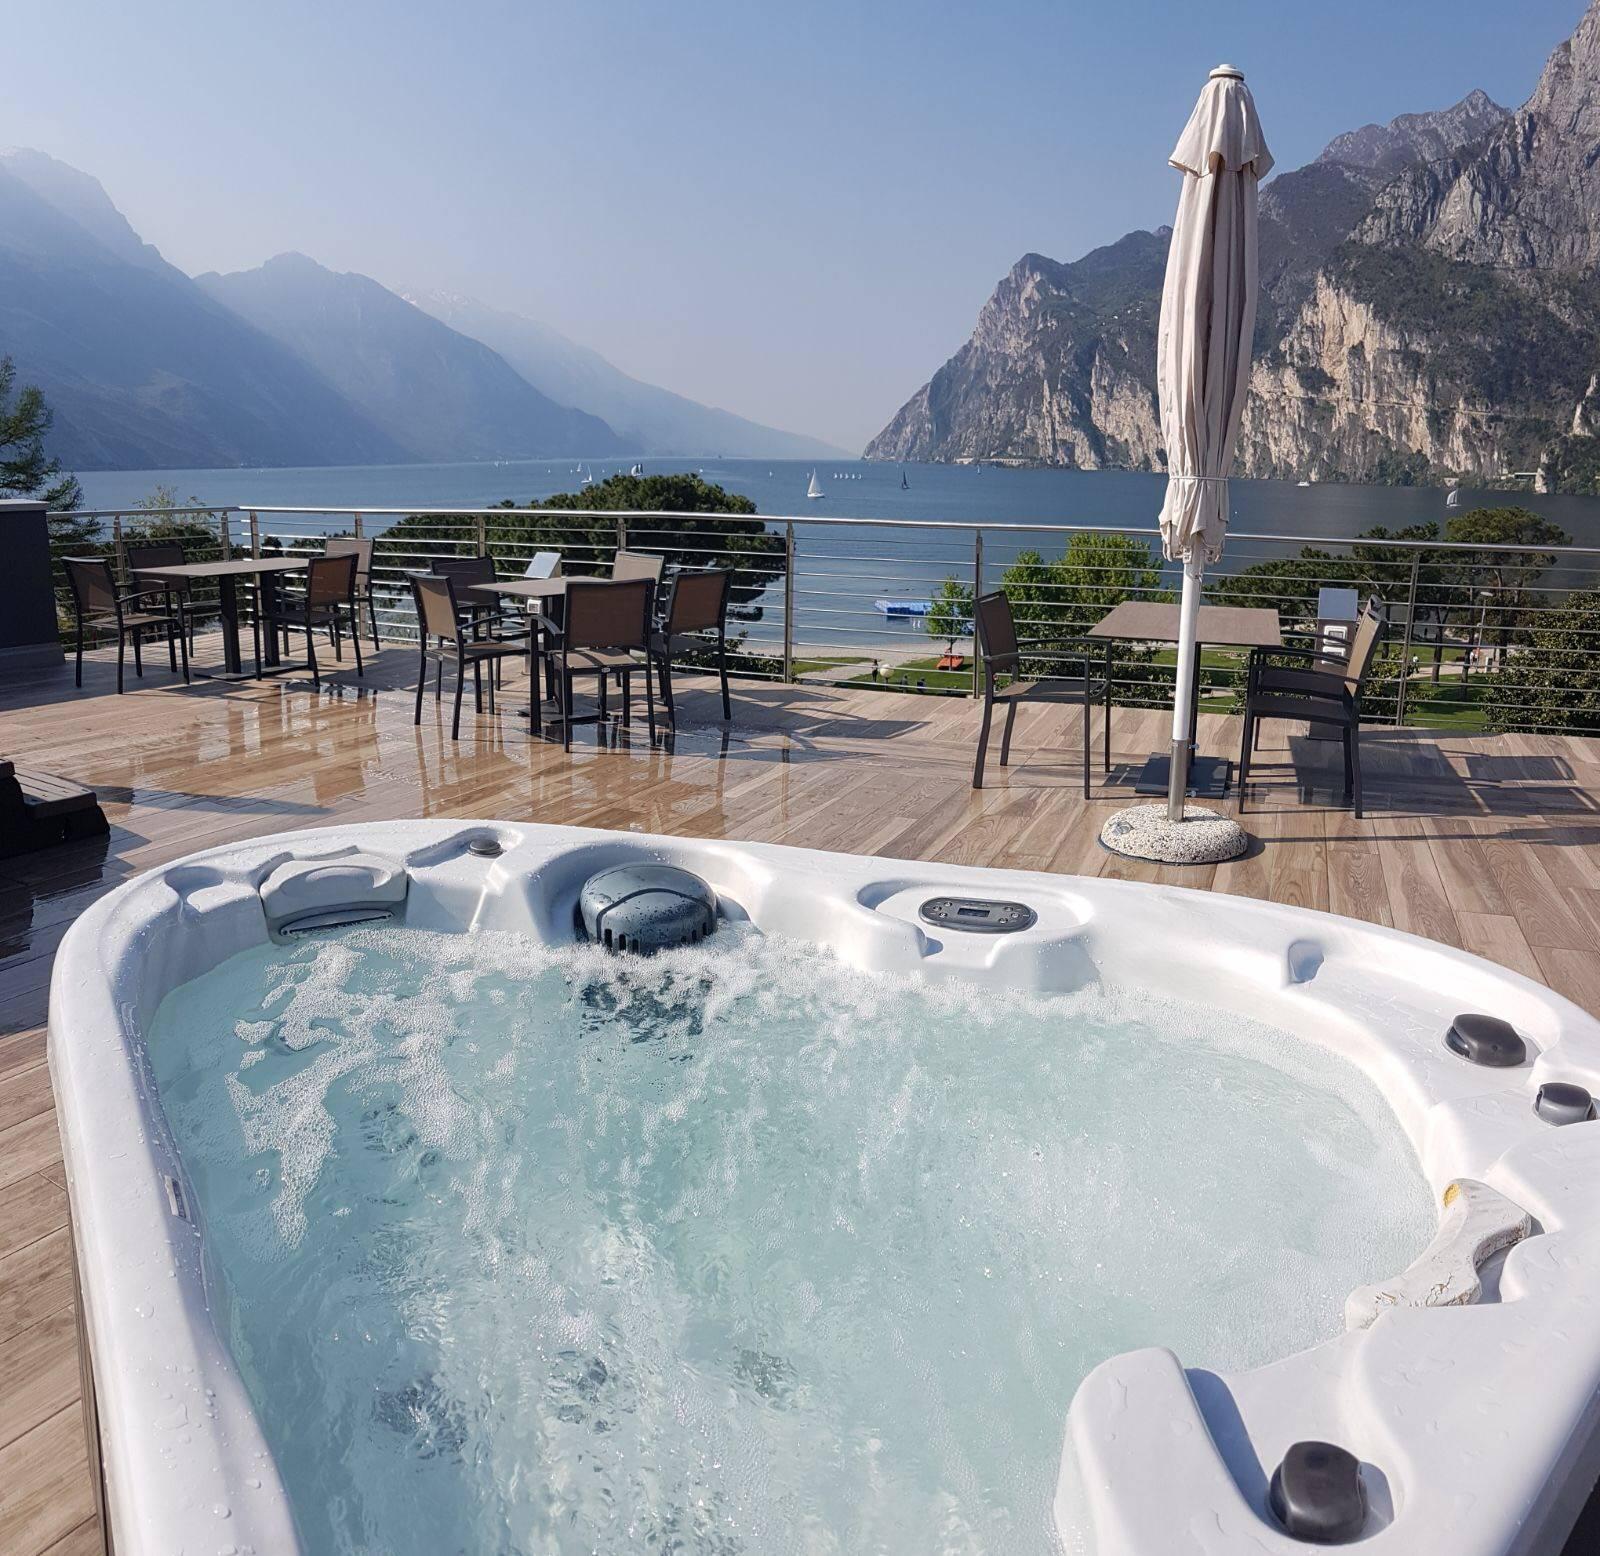 Hotel Bellariva - 4 Stars Riva del Garda - Lake Garda